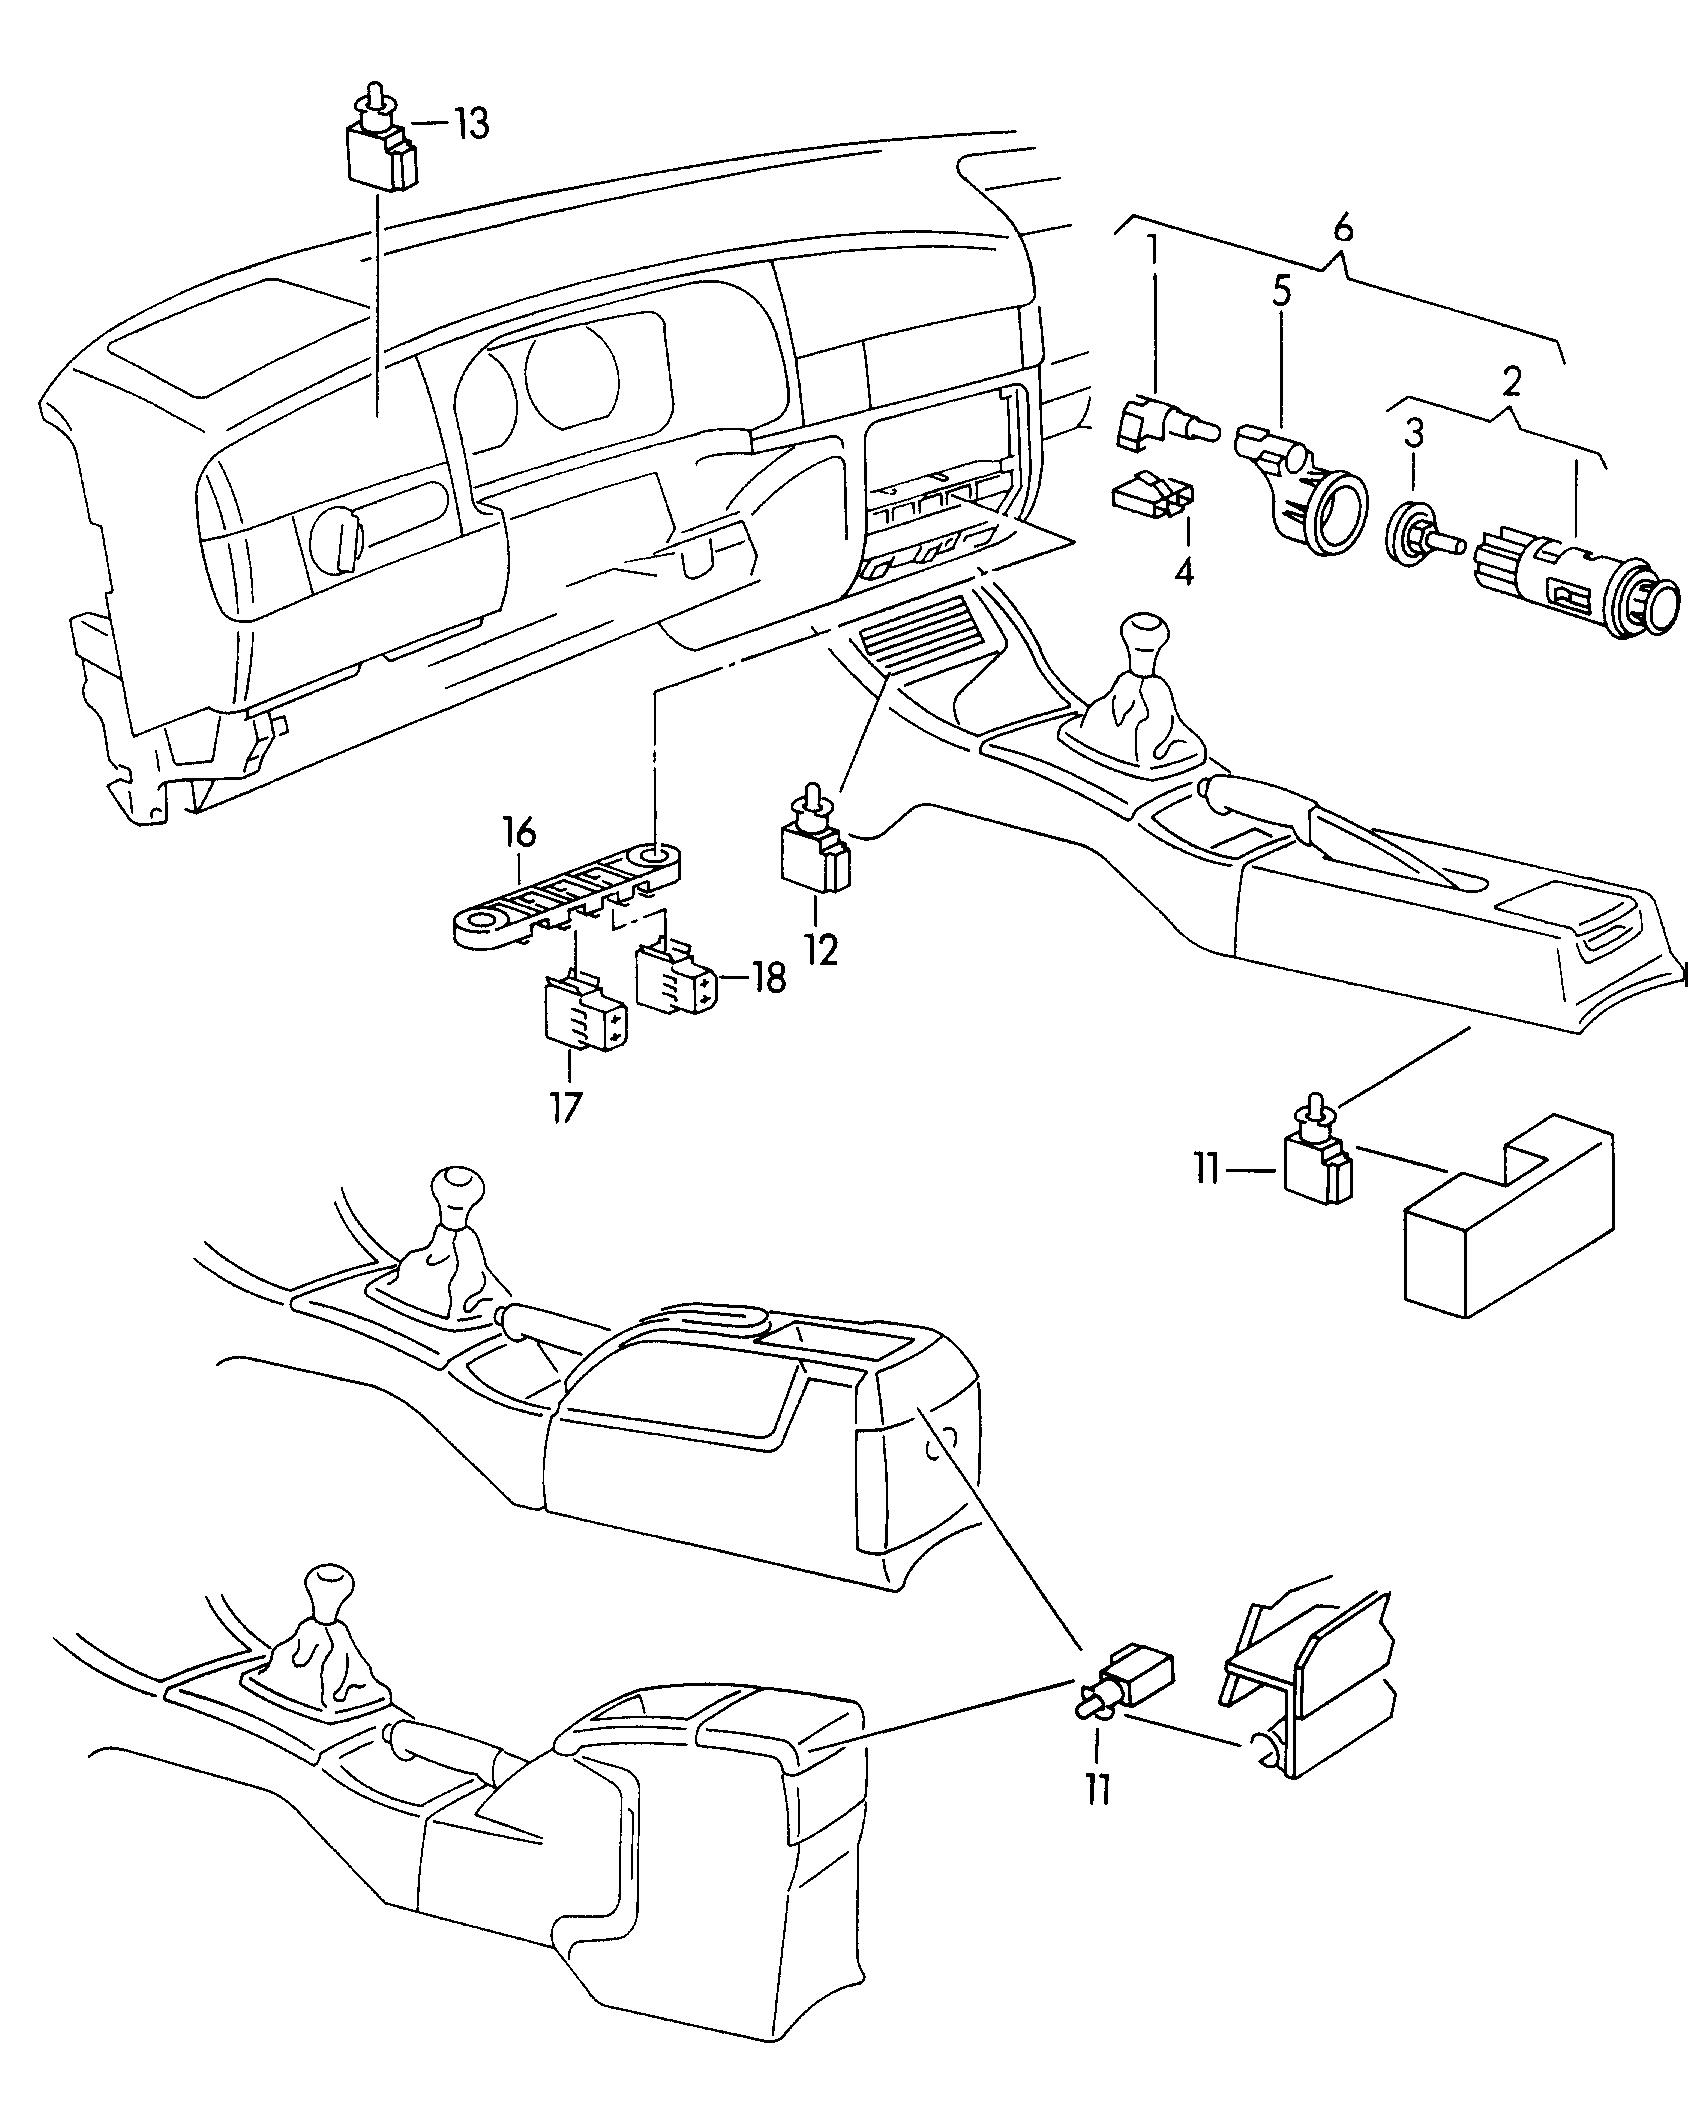 Volkswagen Clasico Jetta 1993 1996 Cigarette Lighter Bulb Vw Engine Diagram Vag Etka